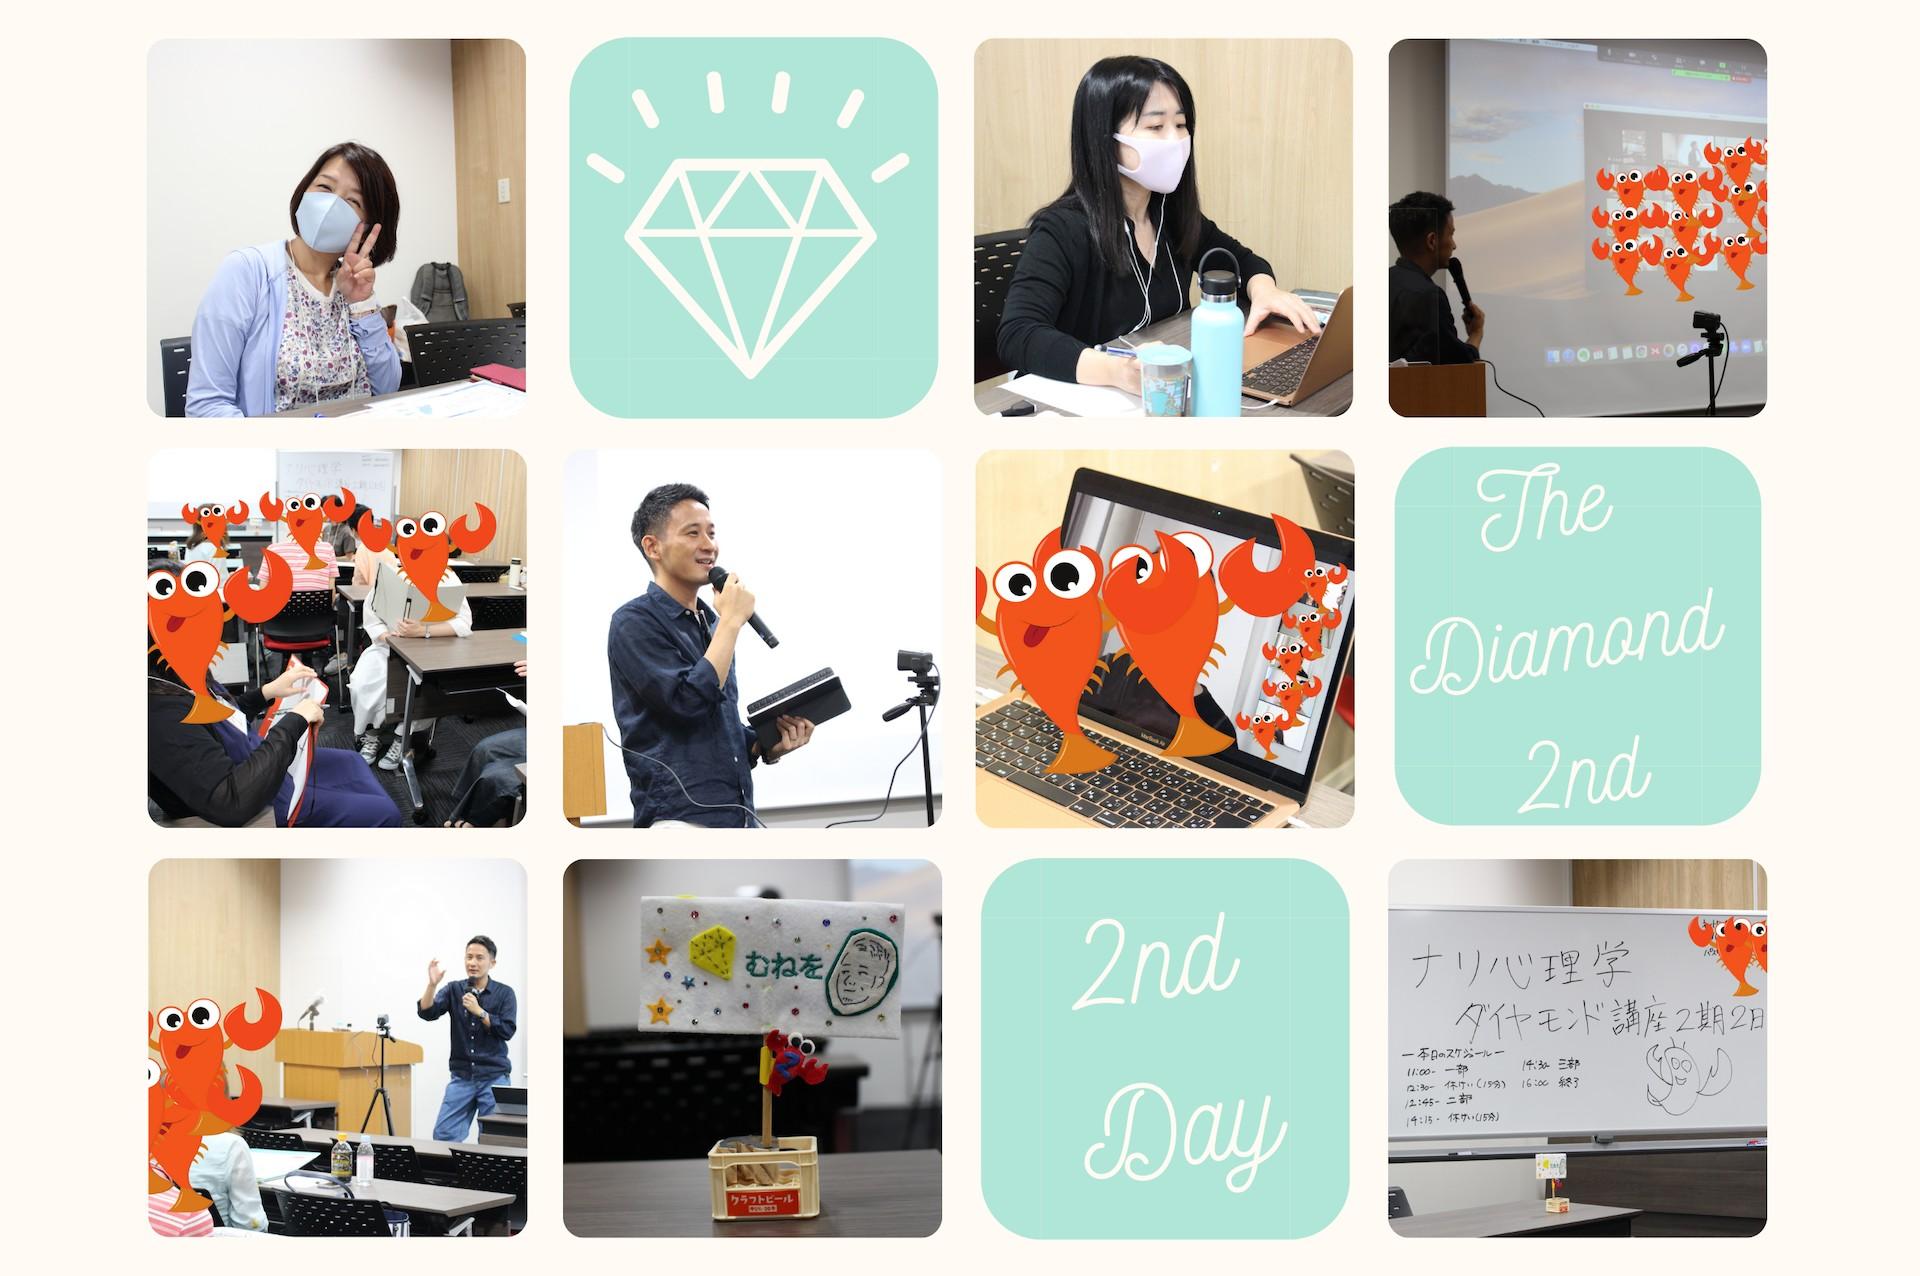 The ダイヤモンド講座2期 Day2